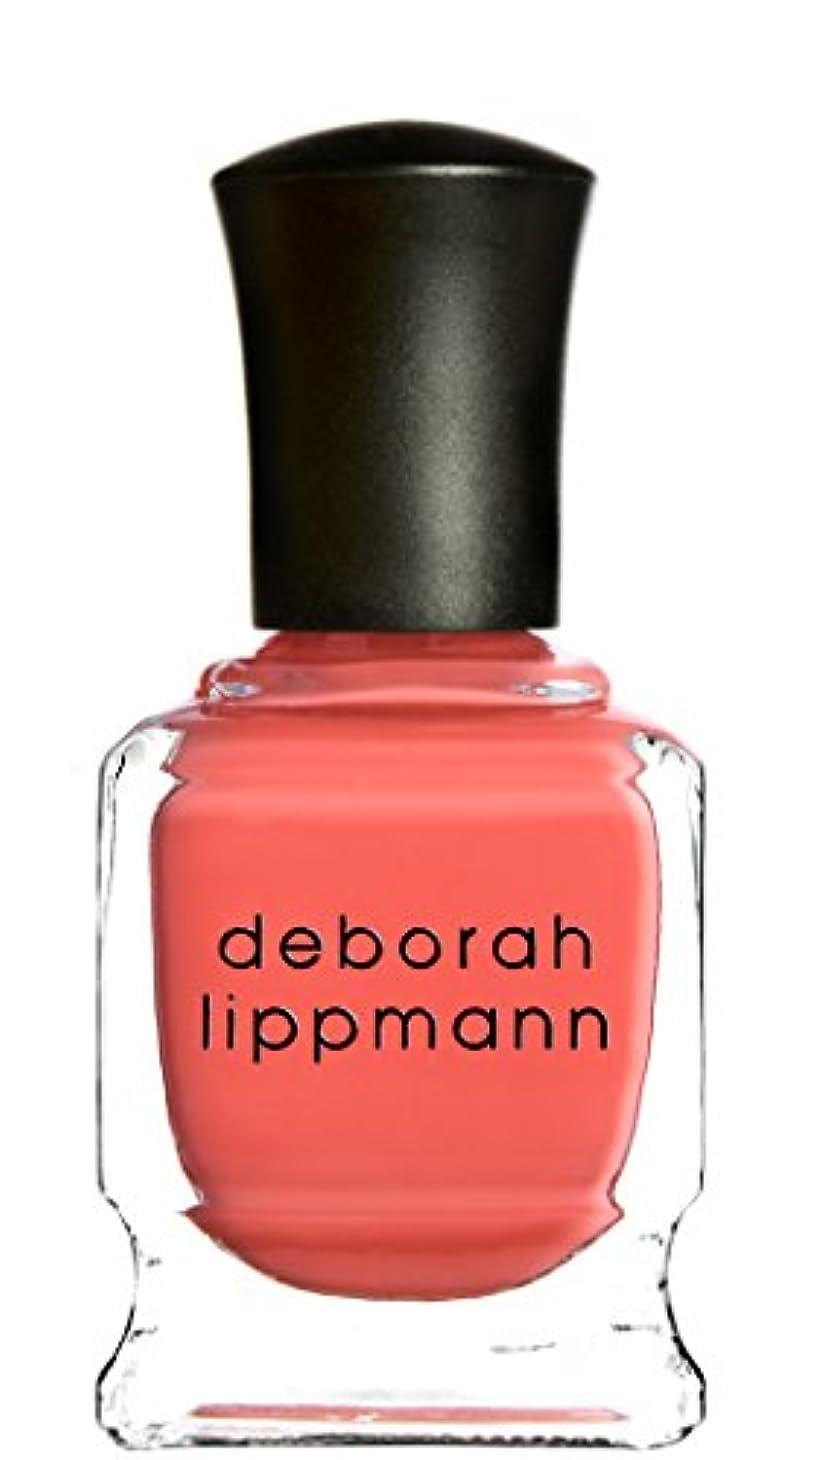 はいオピエート崇拝する[Deborah Lippmann] デボラリップマン ポリッシュ ピンク系 15mL (ガールズ ジャスト ウォント トゥ ハブ ファン)